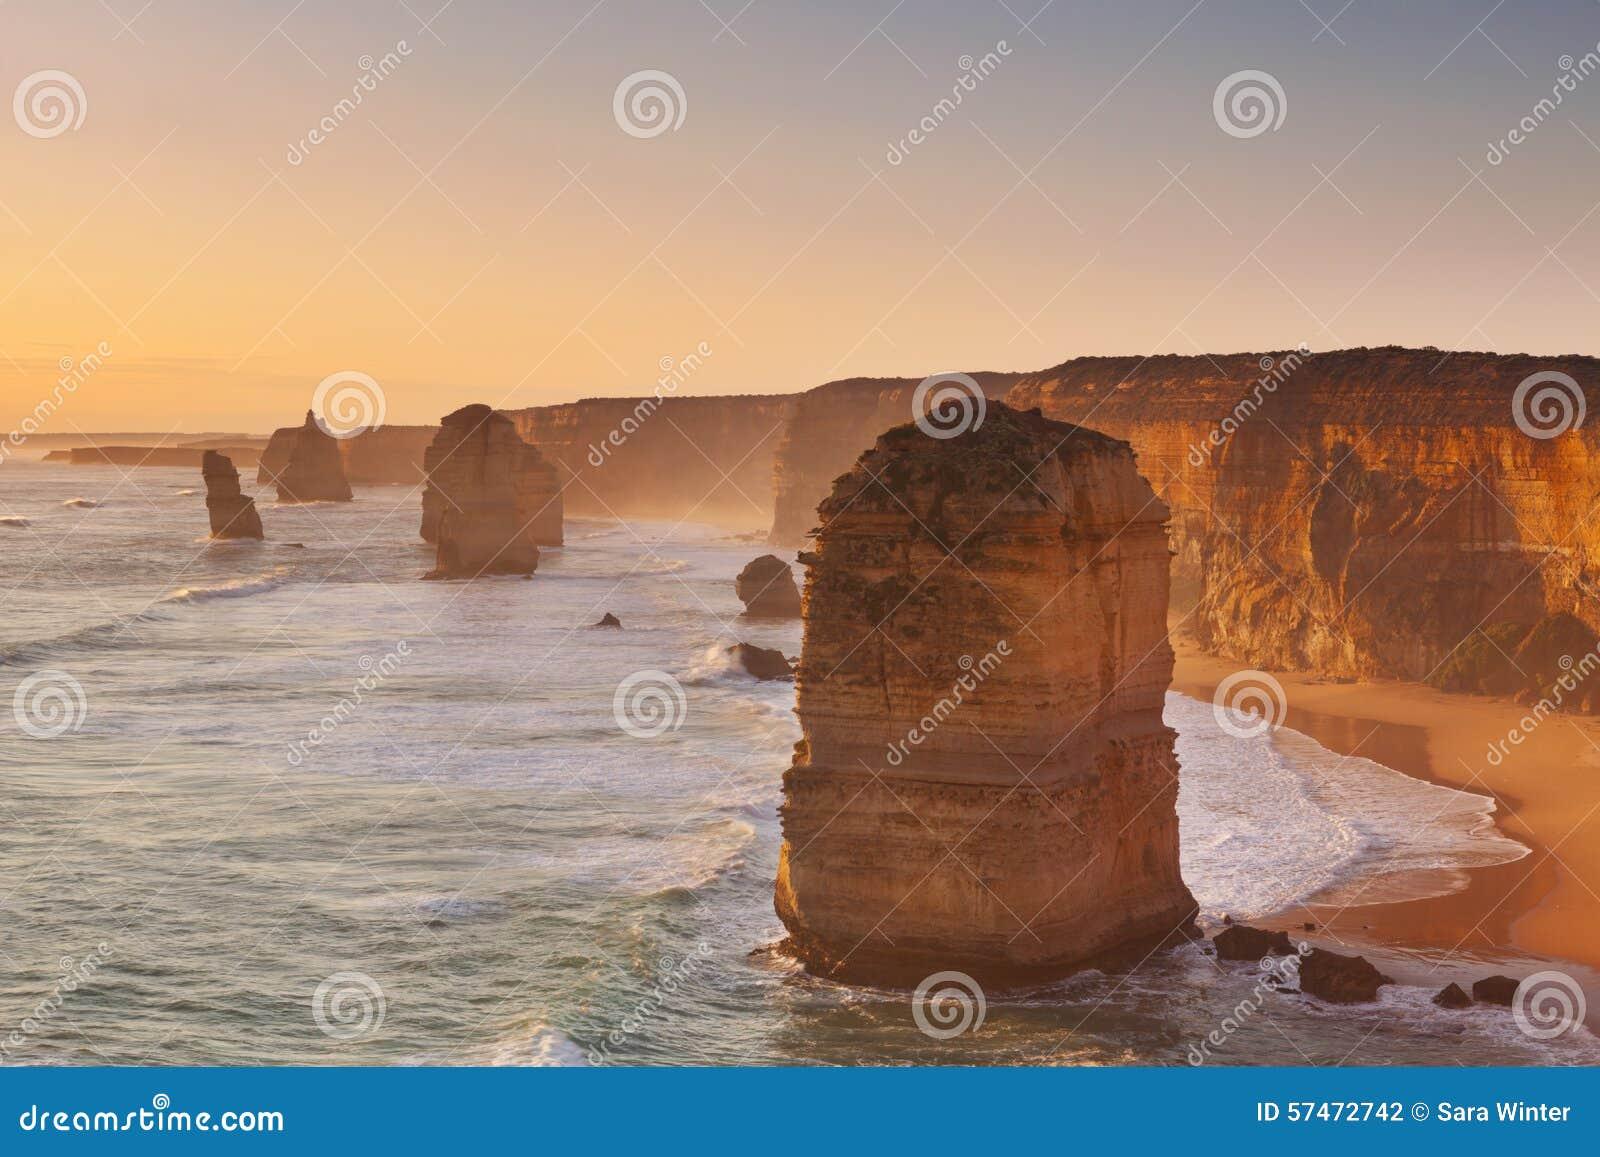 Δώδεκα απόστολοι στο μεγάλο ωκεάνιο δρόμο, Αυστραλία στο ηλιοβασίλεμα